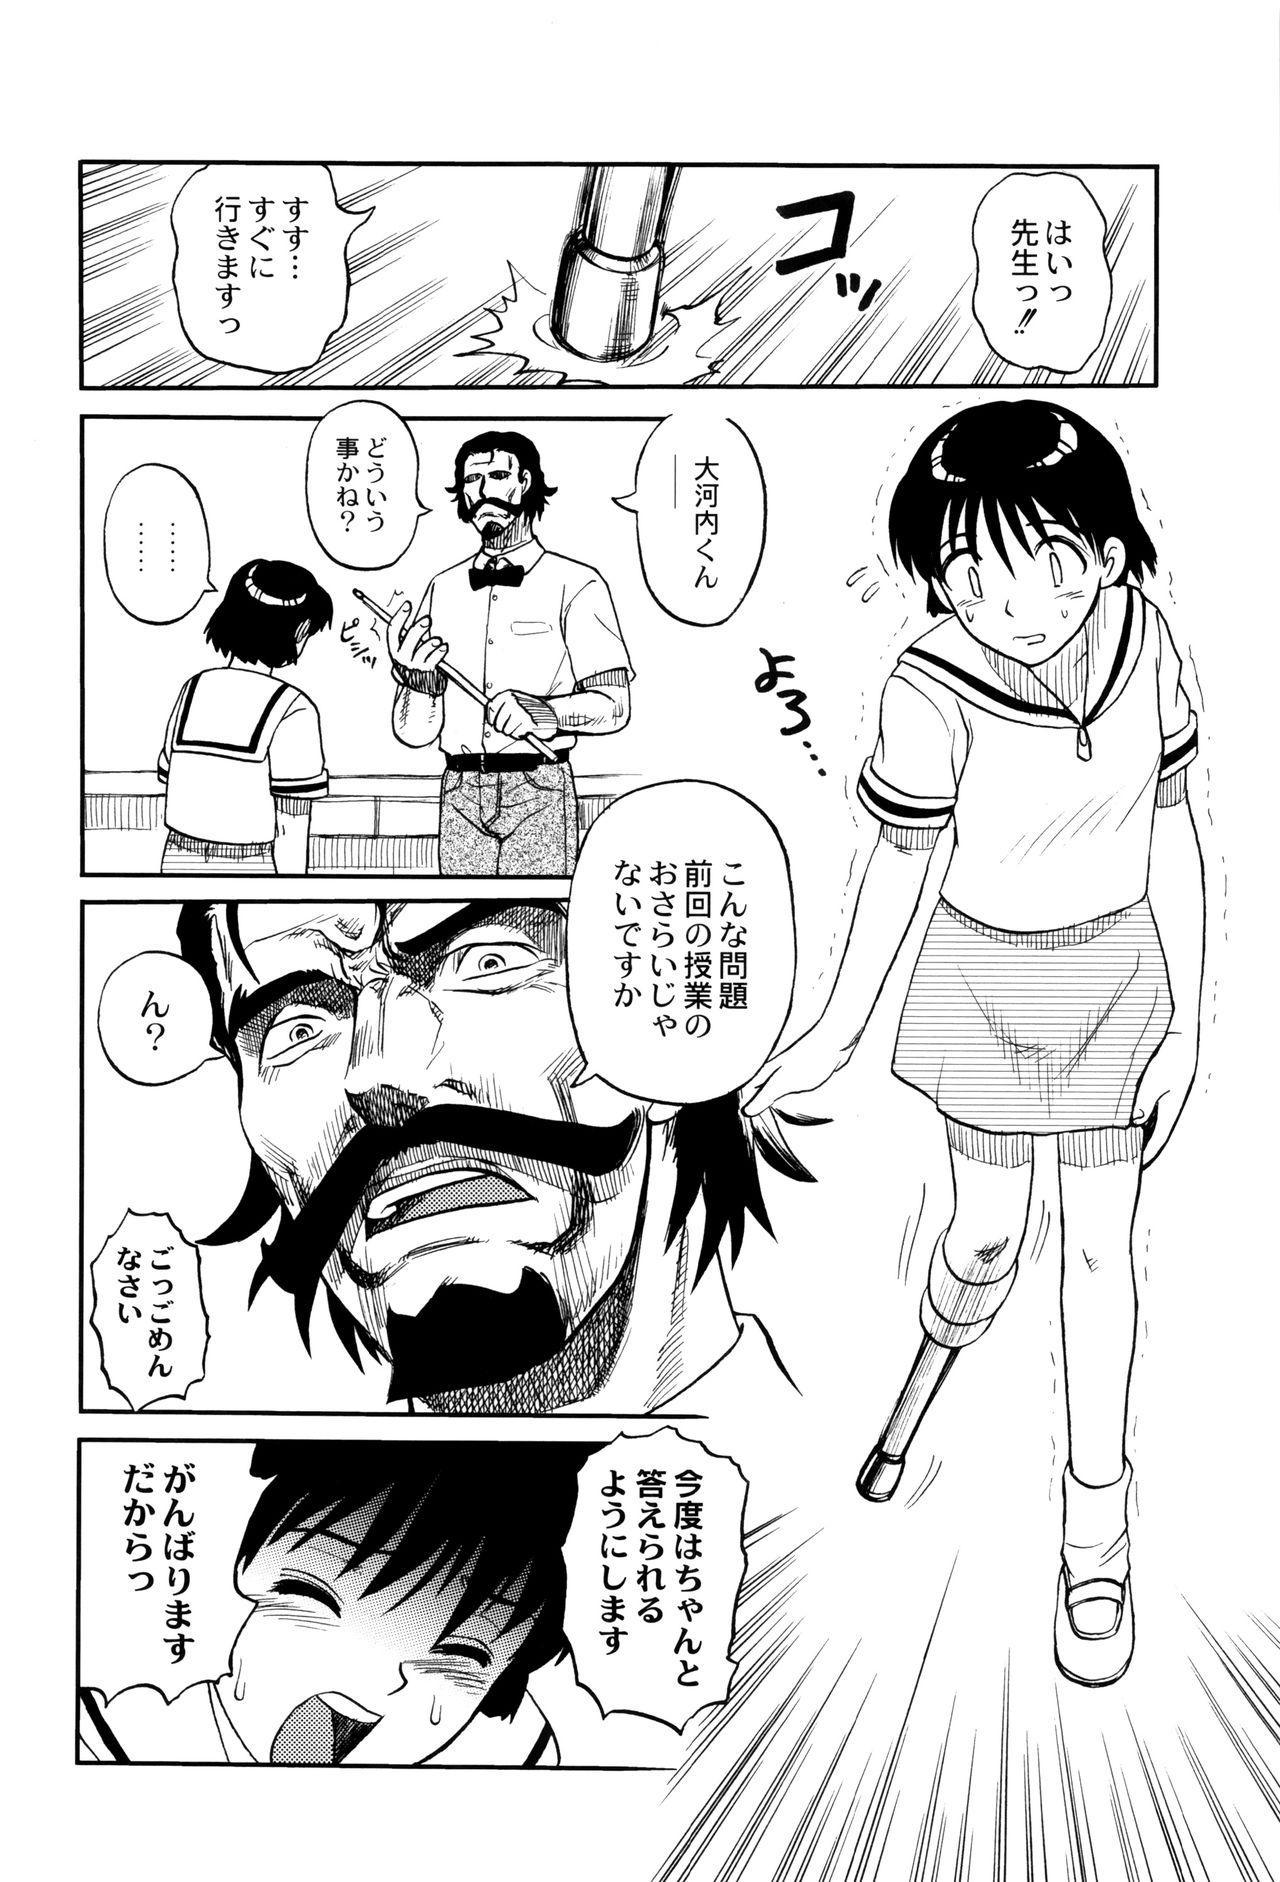 Chishigoyomi 164